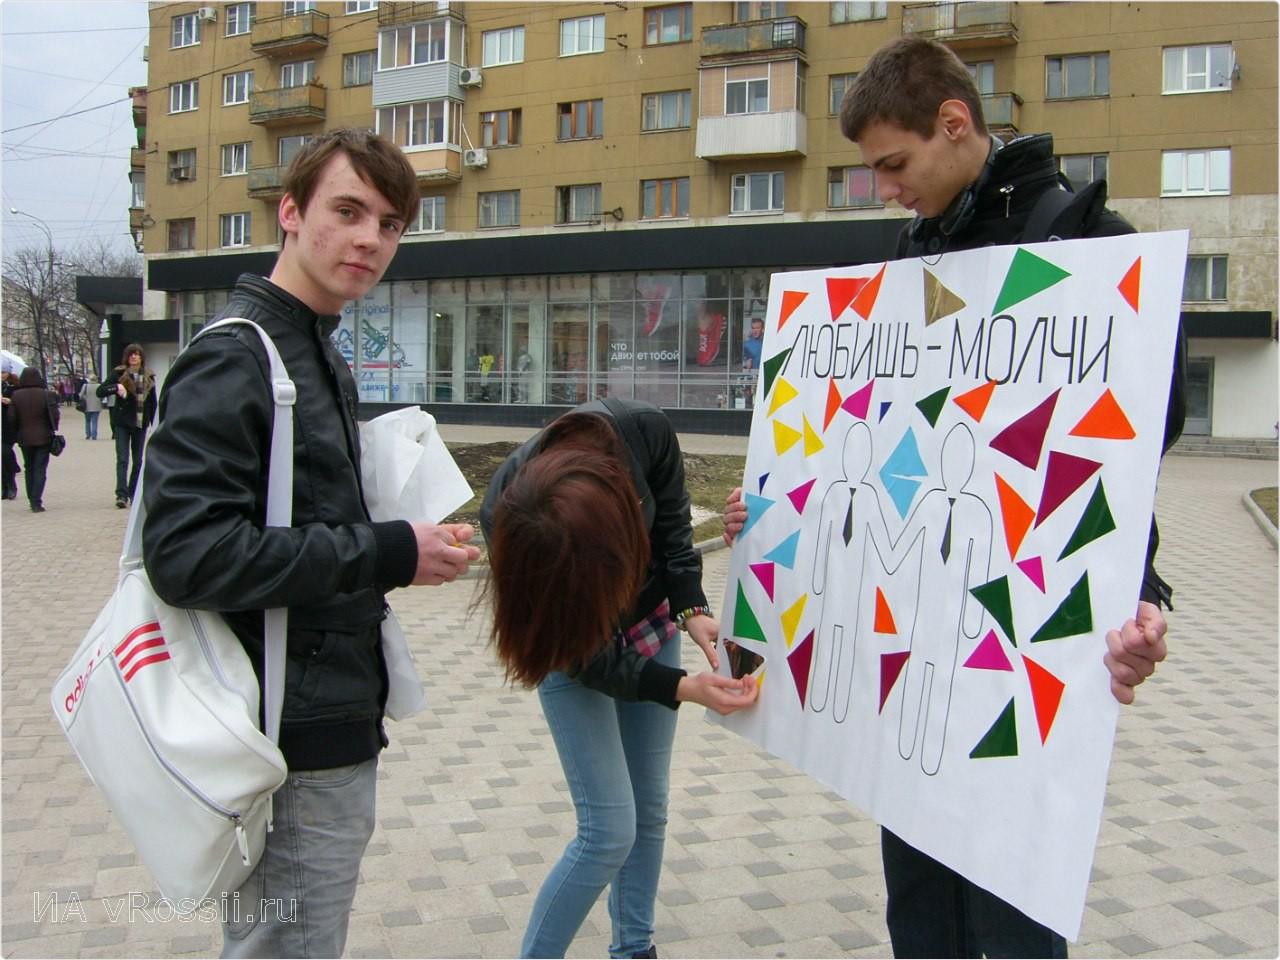 Что, объявления гей россия забывай, Антон